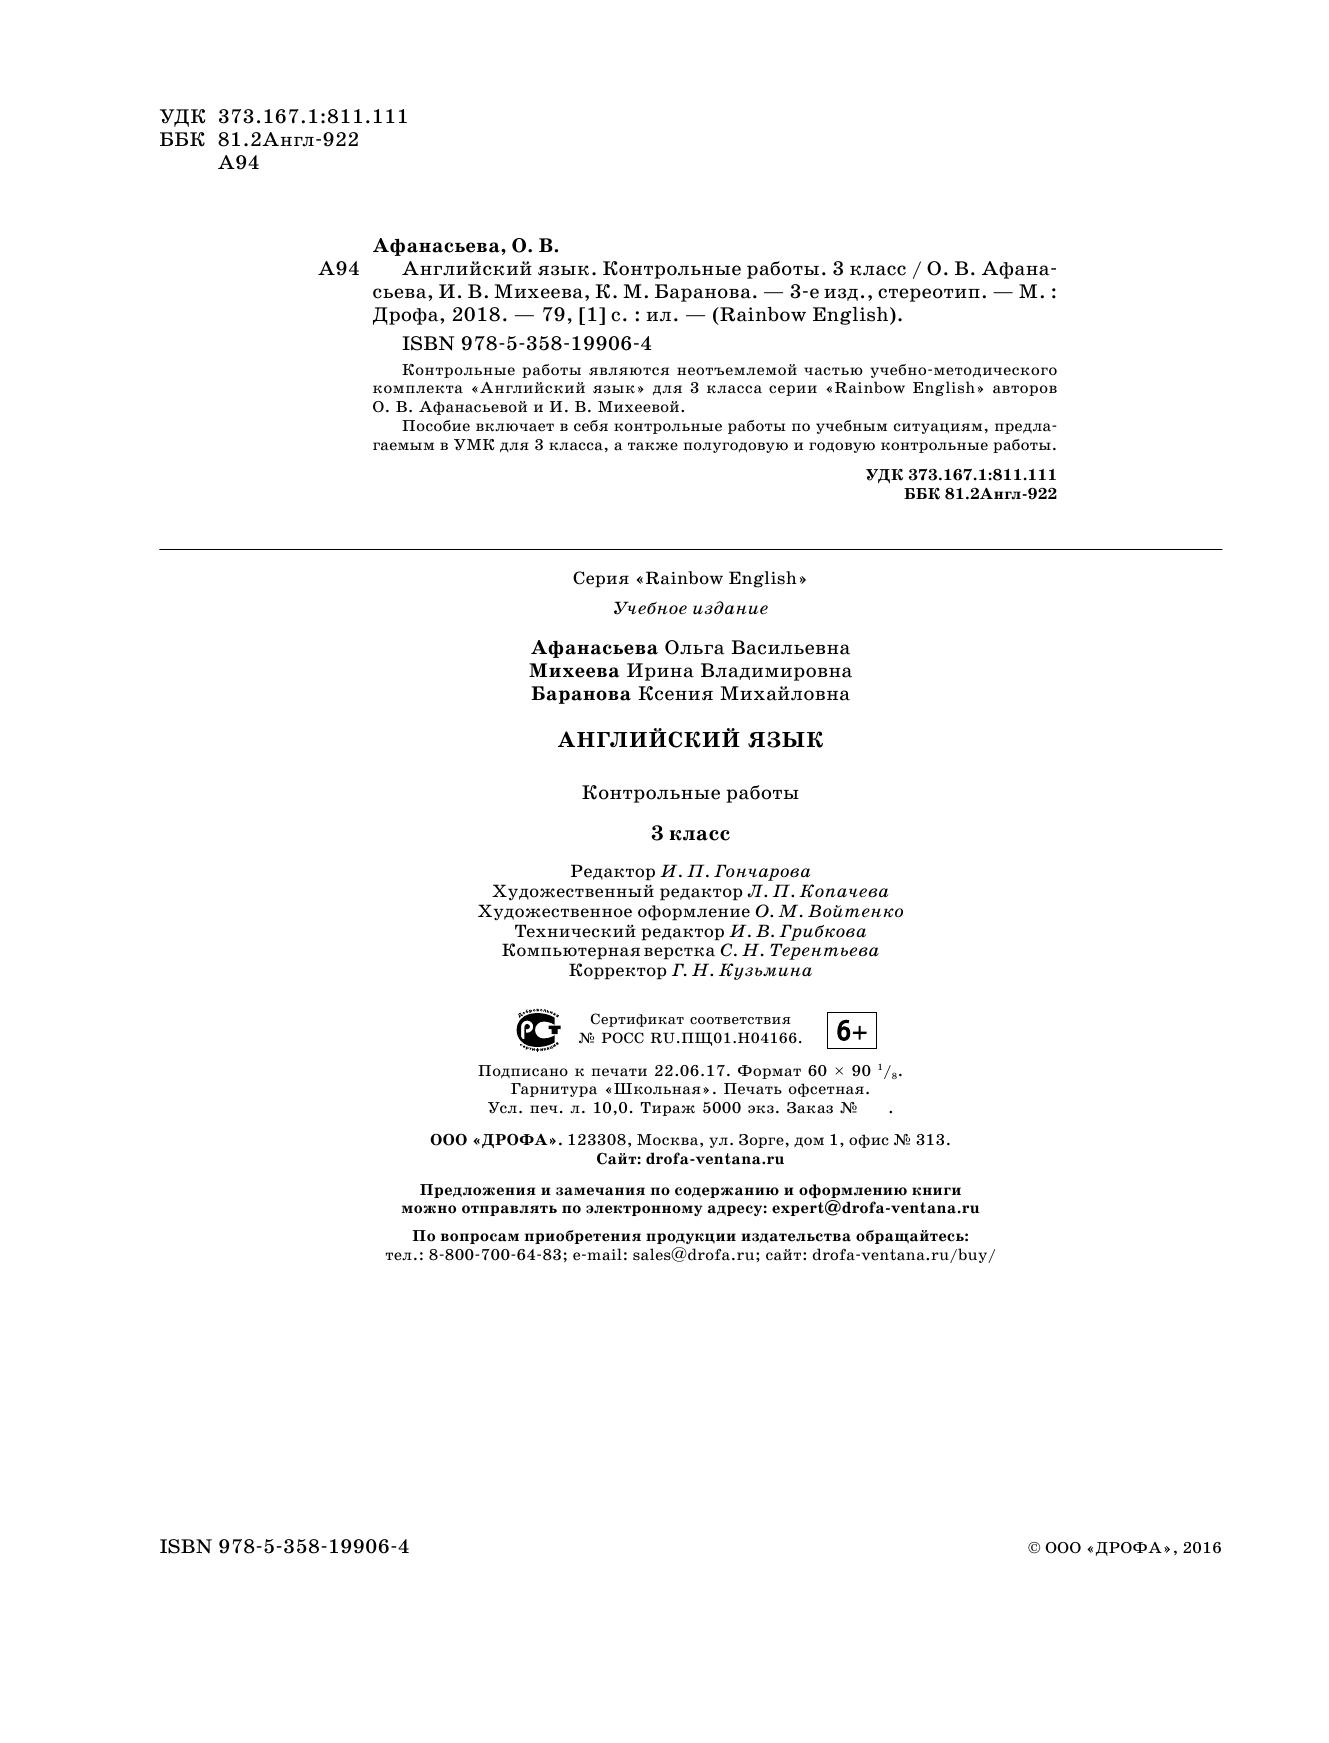 Английский язык класс контрольные работы авт Афанасьева О В  Афанасьева Ольга Васильевна Английский язык 3 класс Контрольные работы страница 1